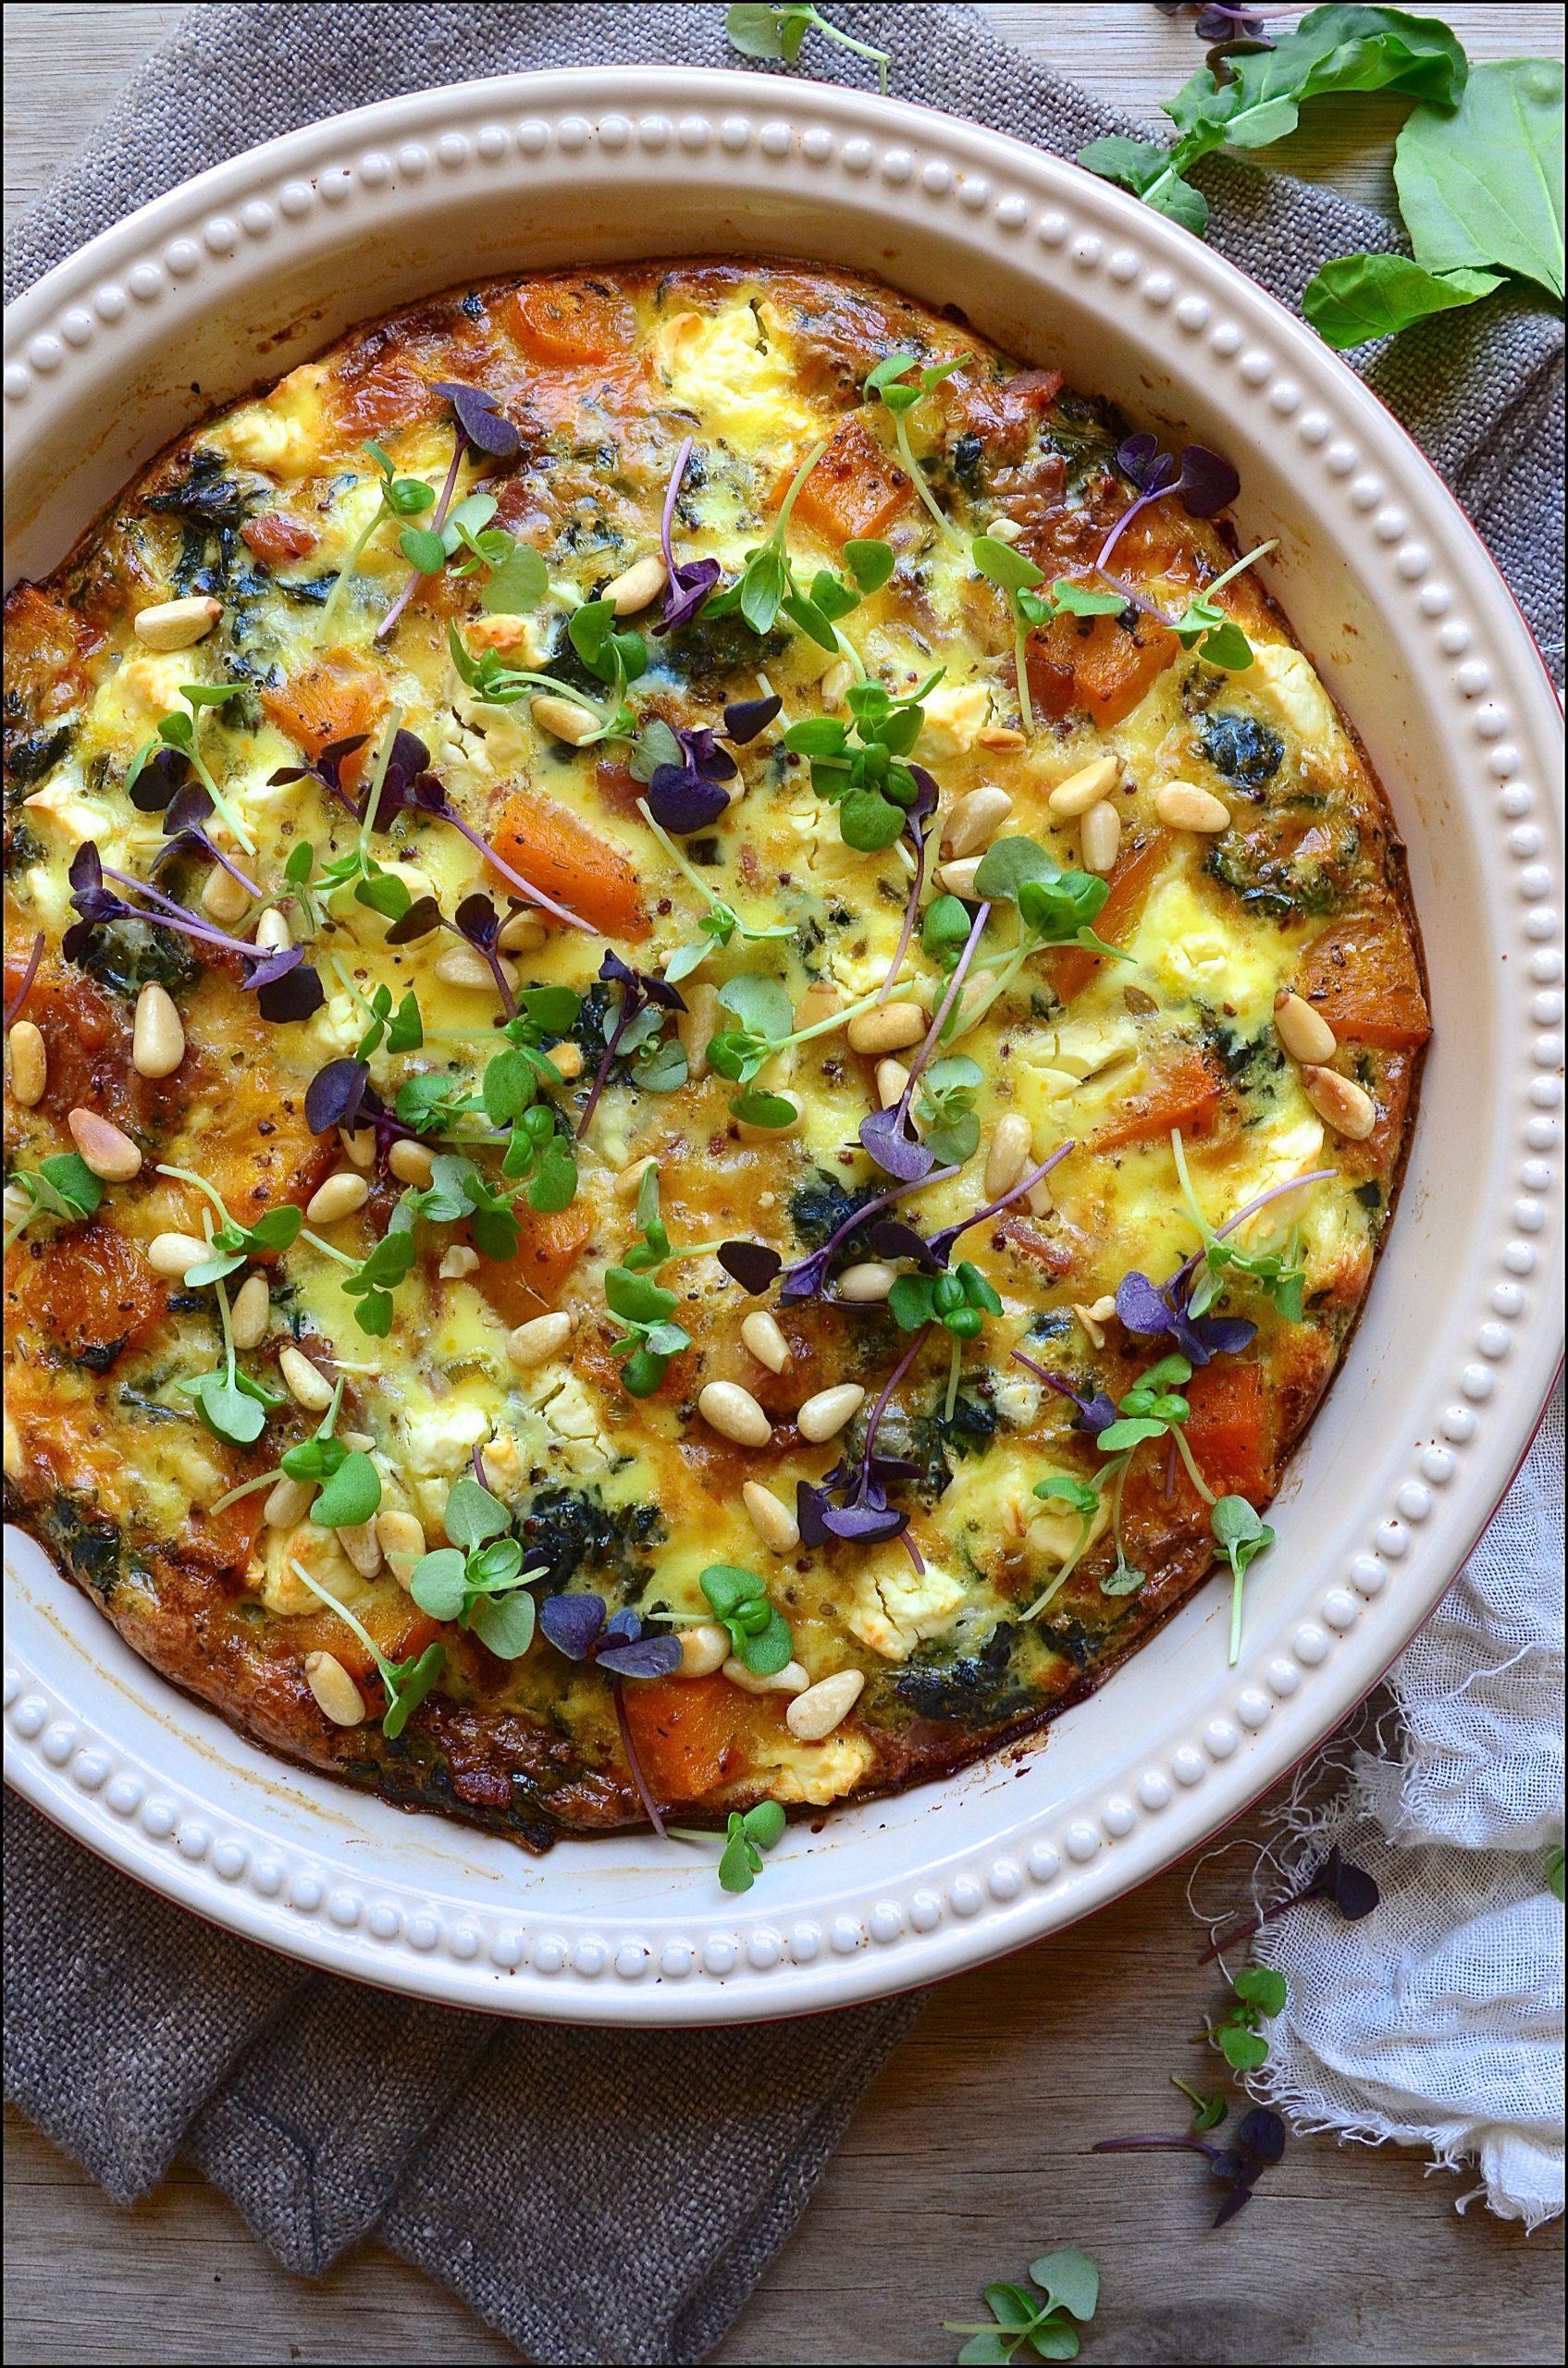 Roast butternut crustless quiche